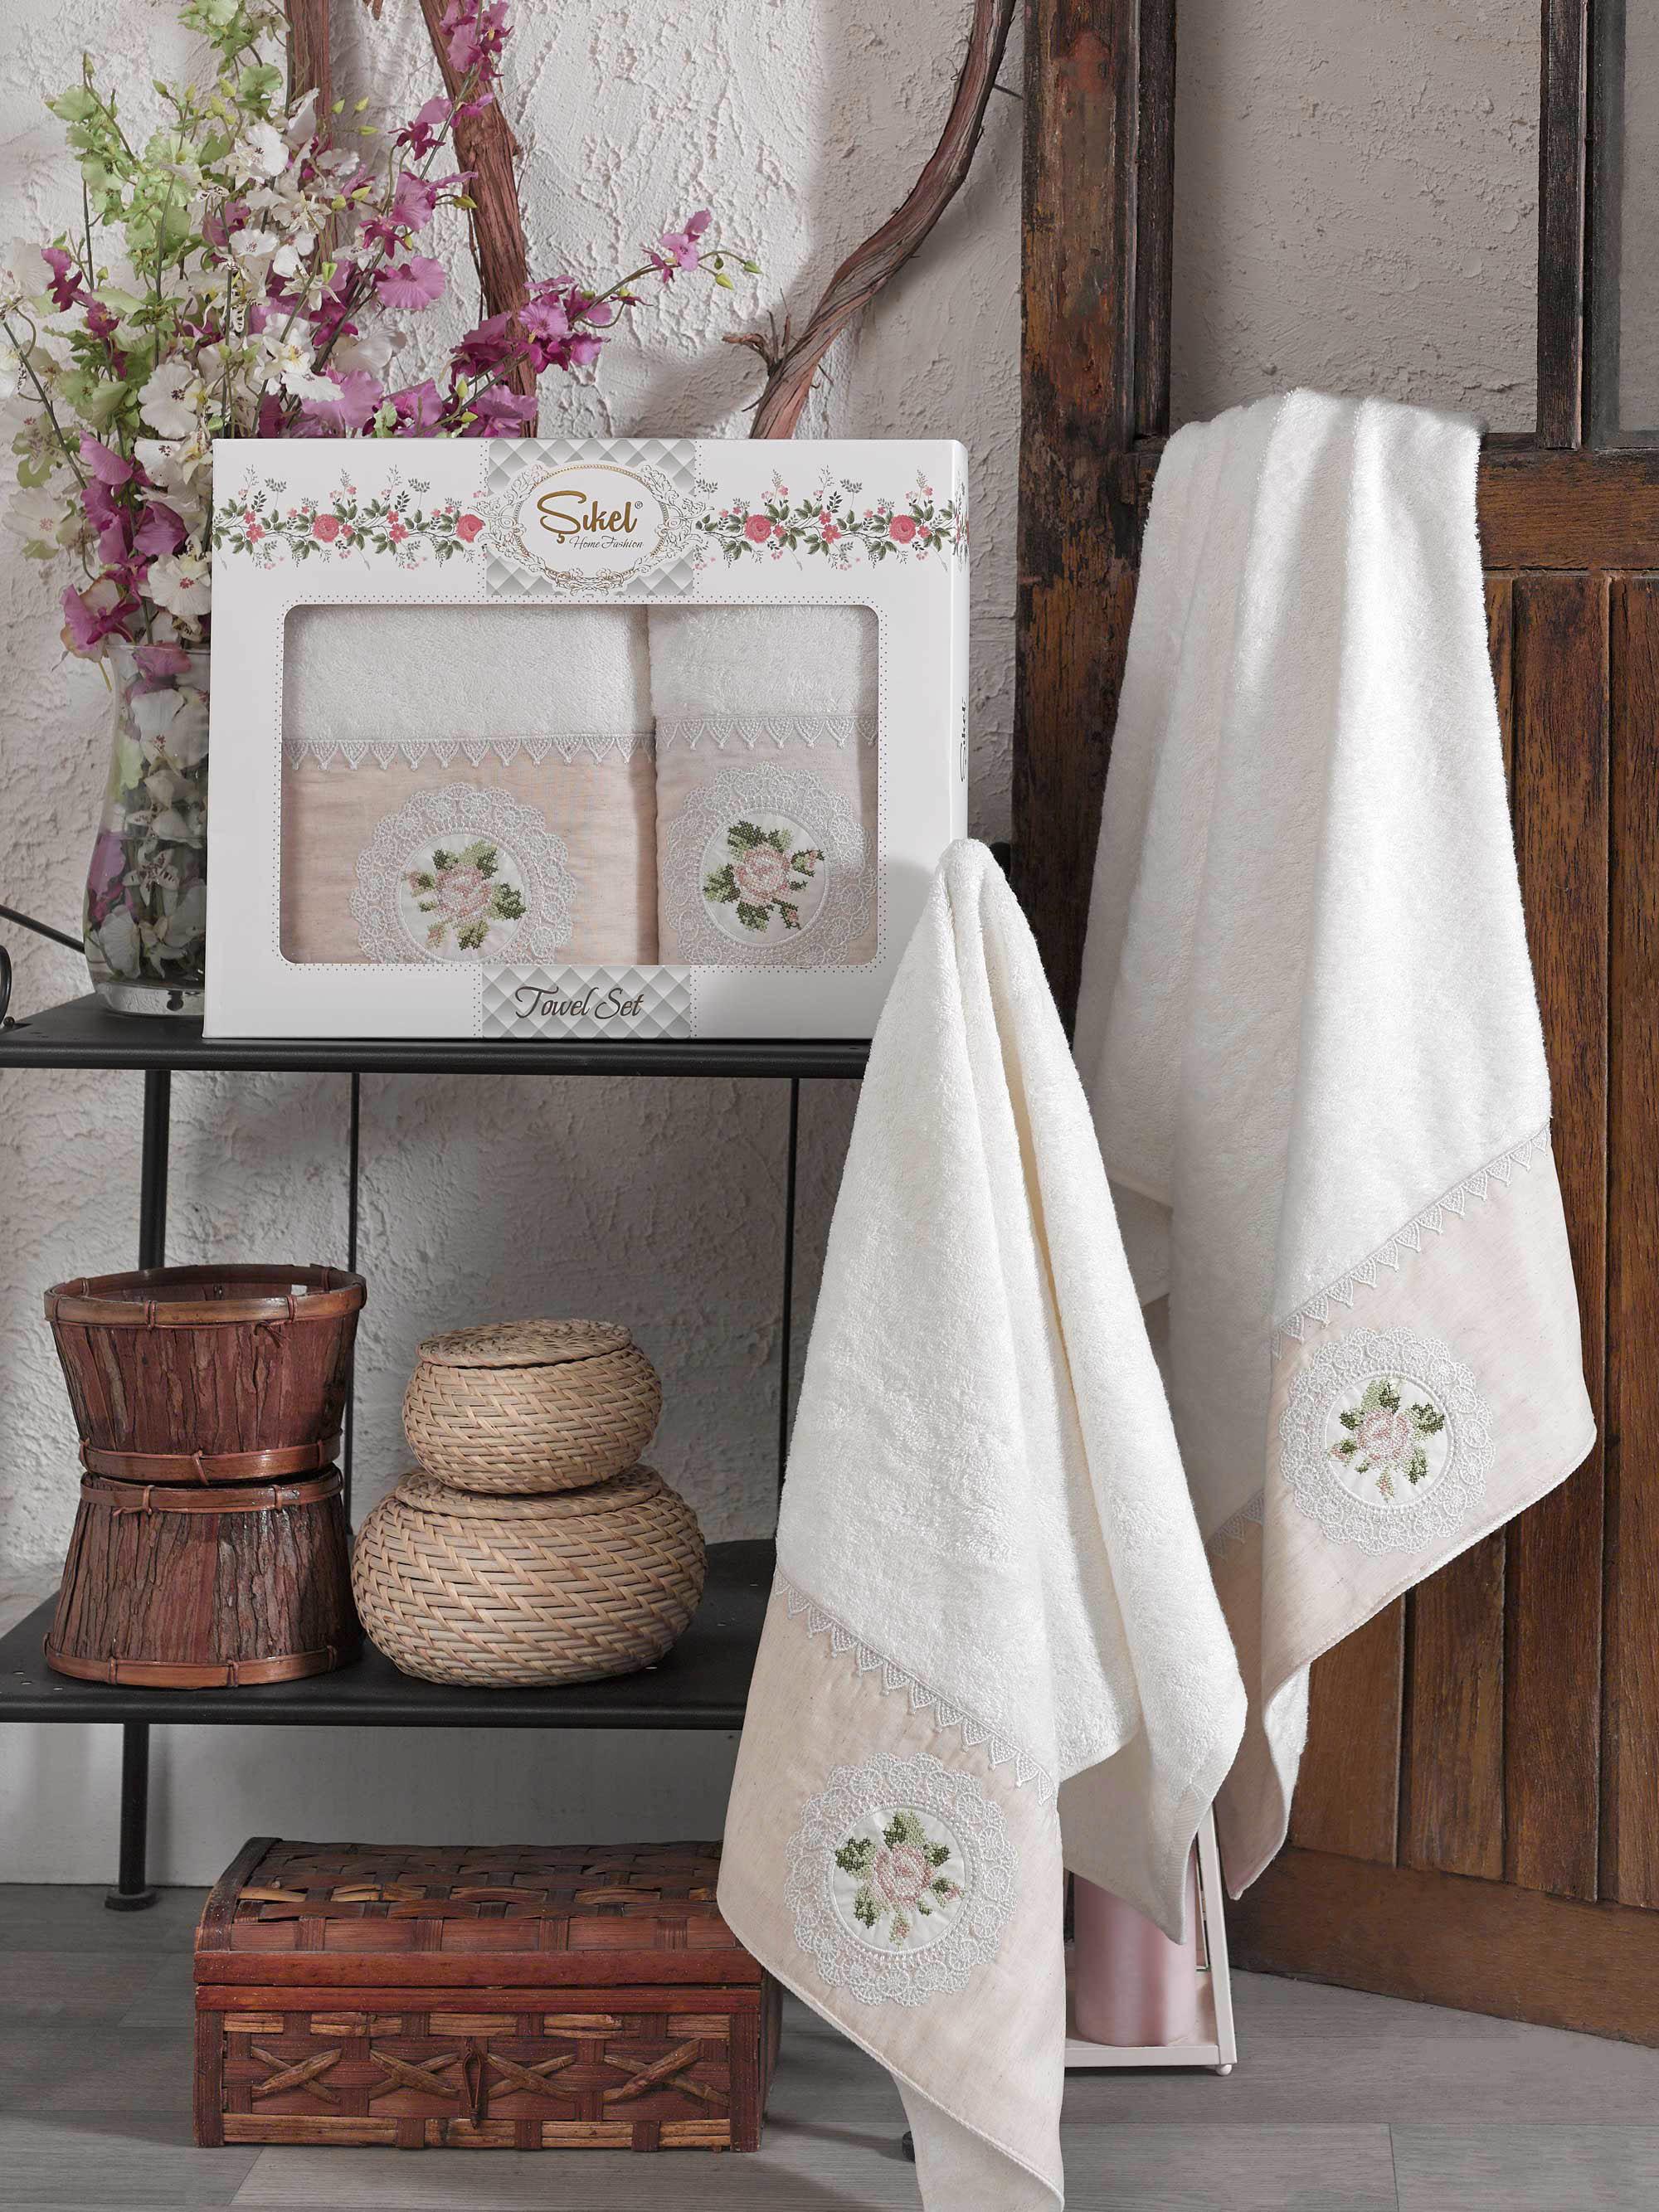 Полотенца Sikel Полотенце Kanevice Цвет: Кремовый (50х90 см,70х140 см) полотенца sikel полотенце kanevice цвет пудра 50х90 см 70х140 см